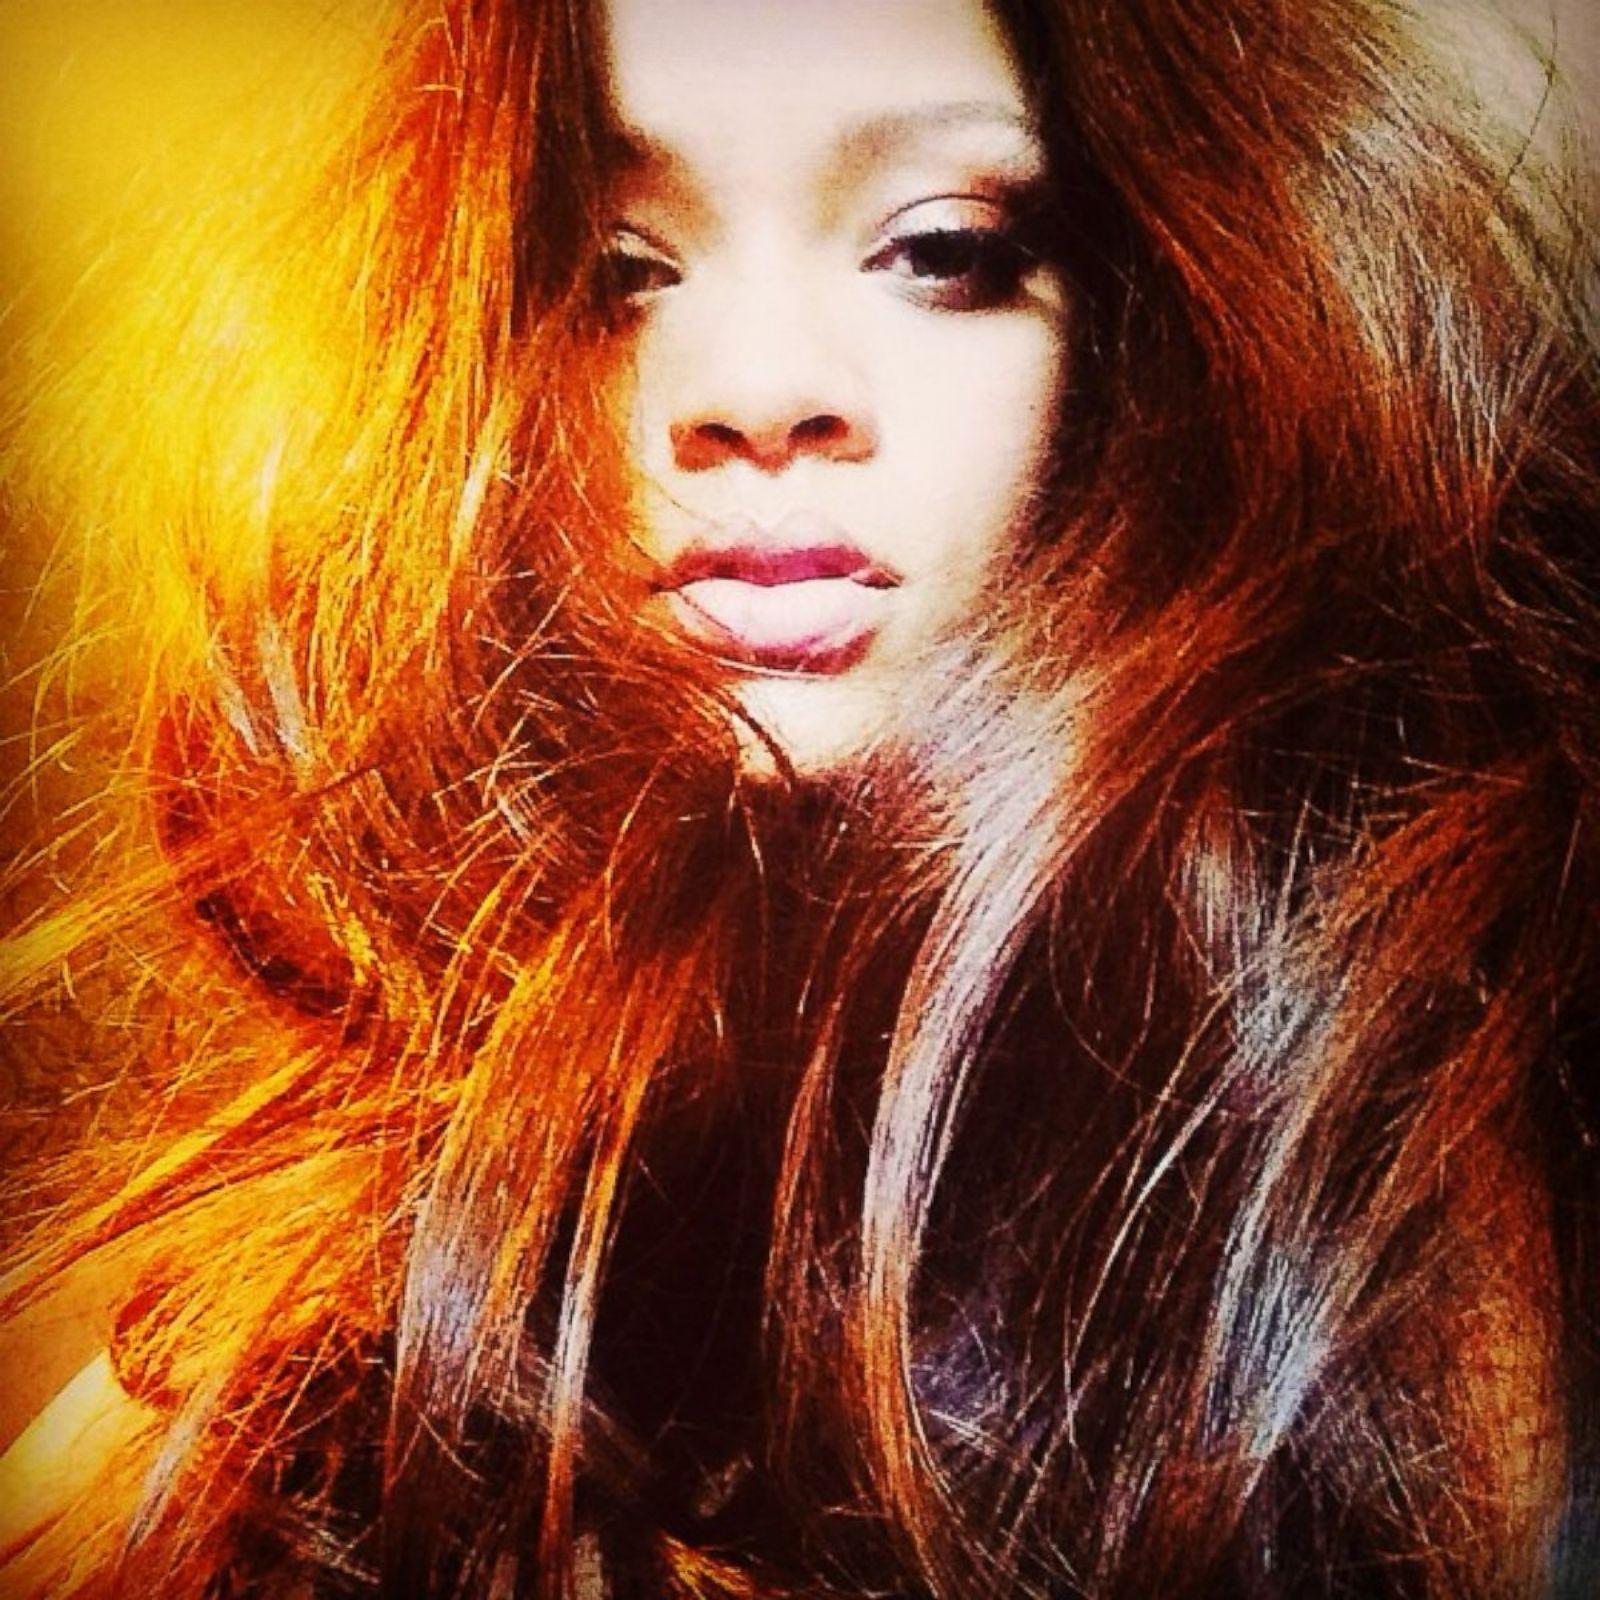 Hair rihanna red